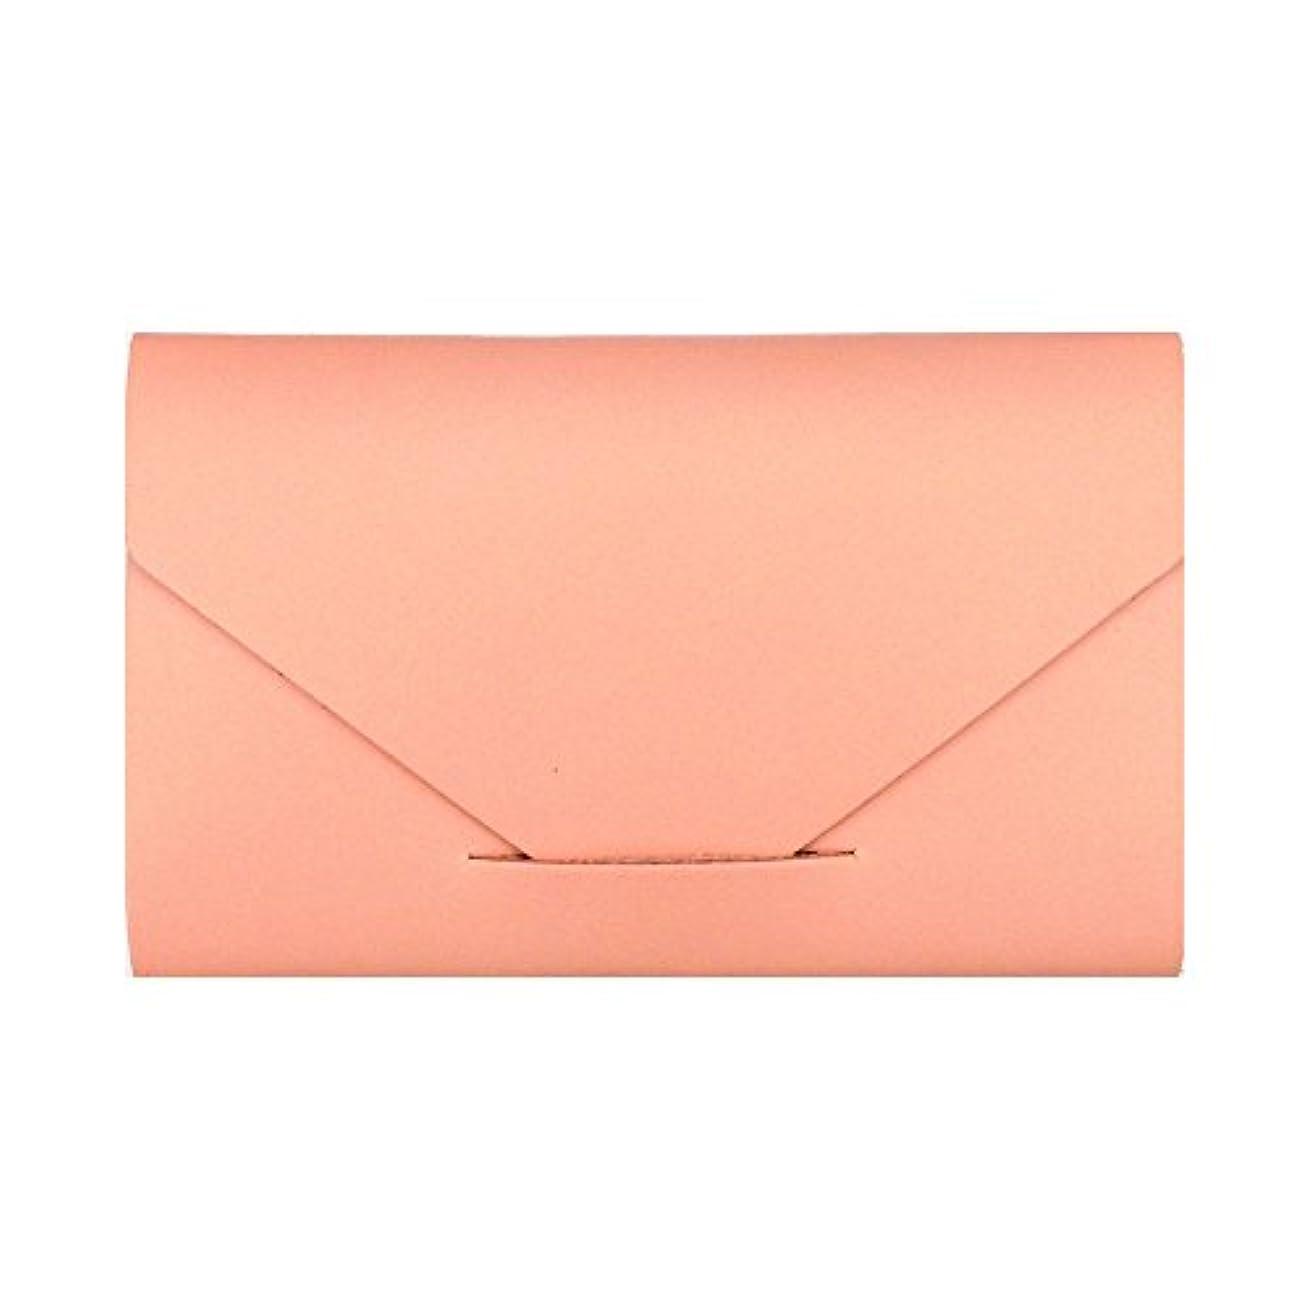 磁器解釈鉛筆MODERN AGE TOKYO 2 カードケース(サシェ3種入) ピンク PINK CARD CASE モダンエイジトウキョウツー